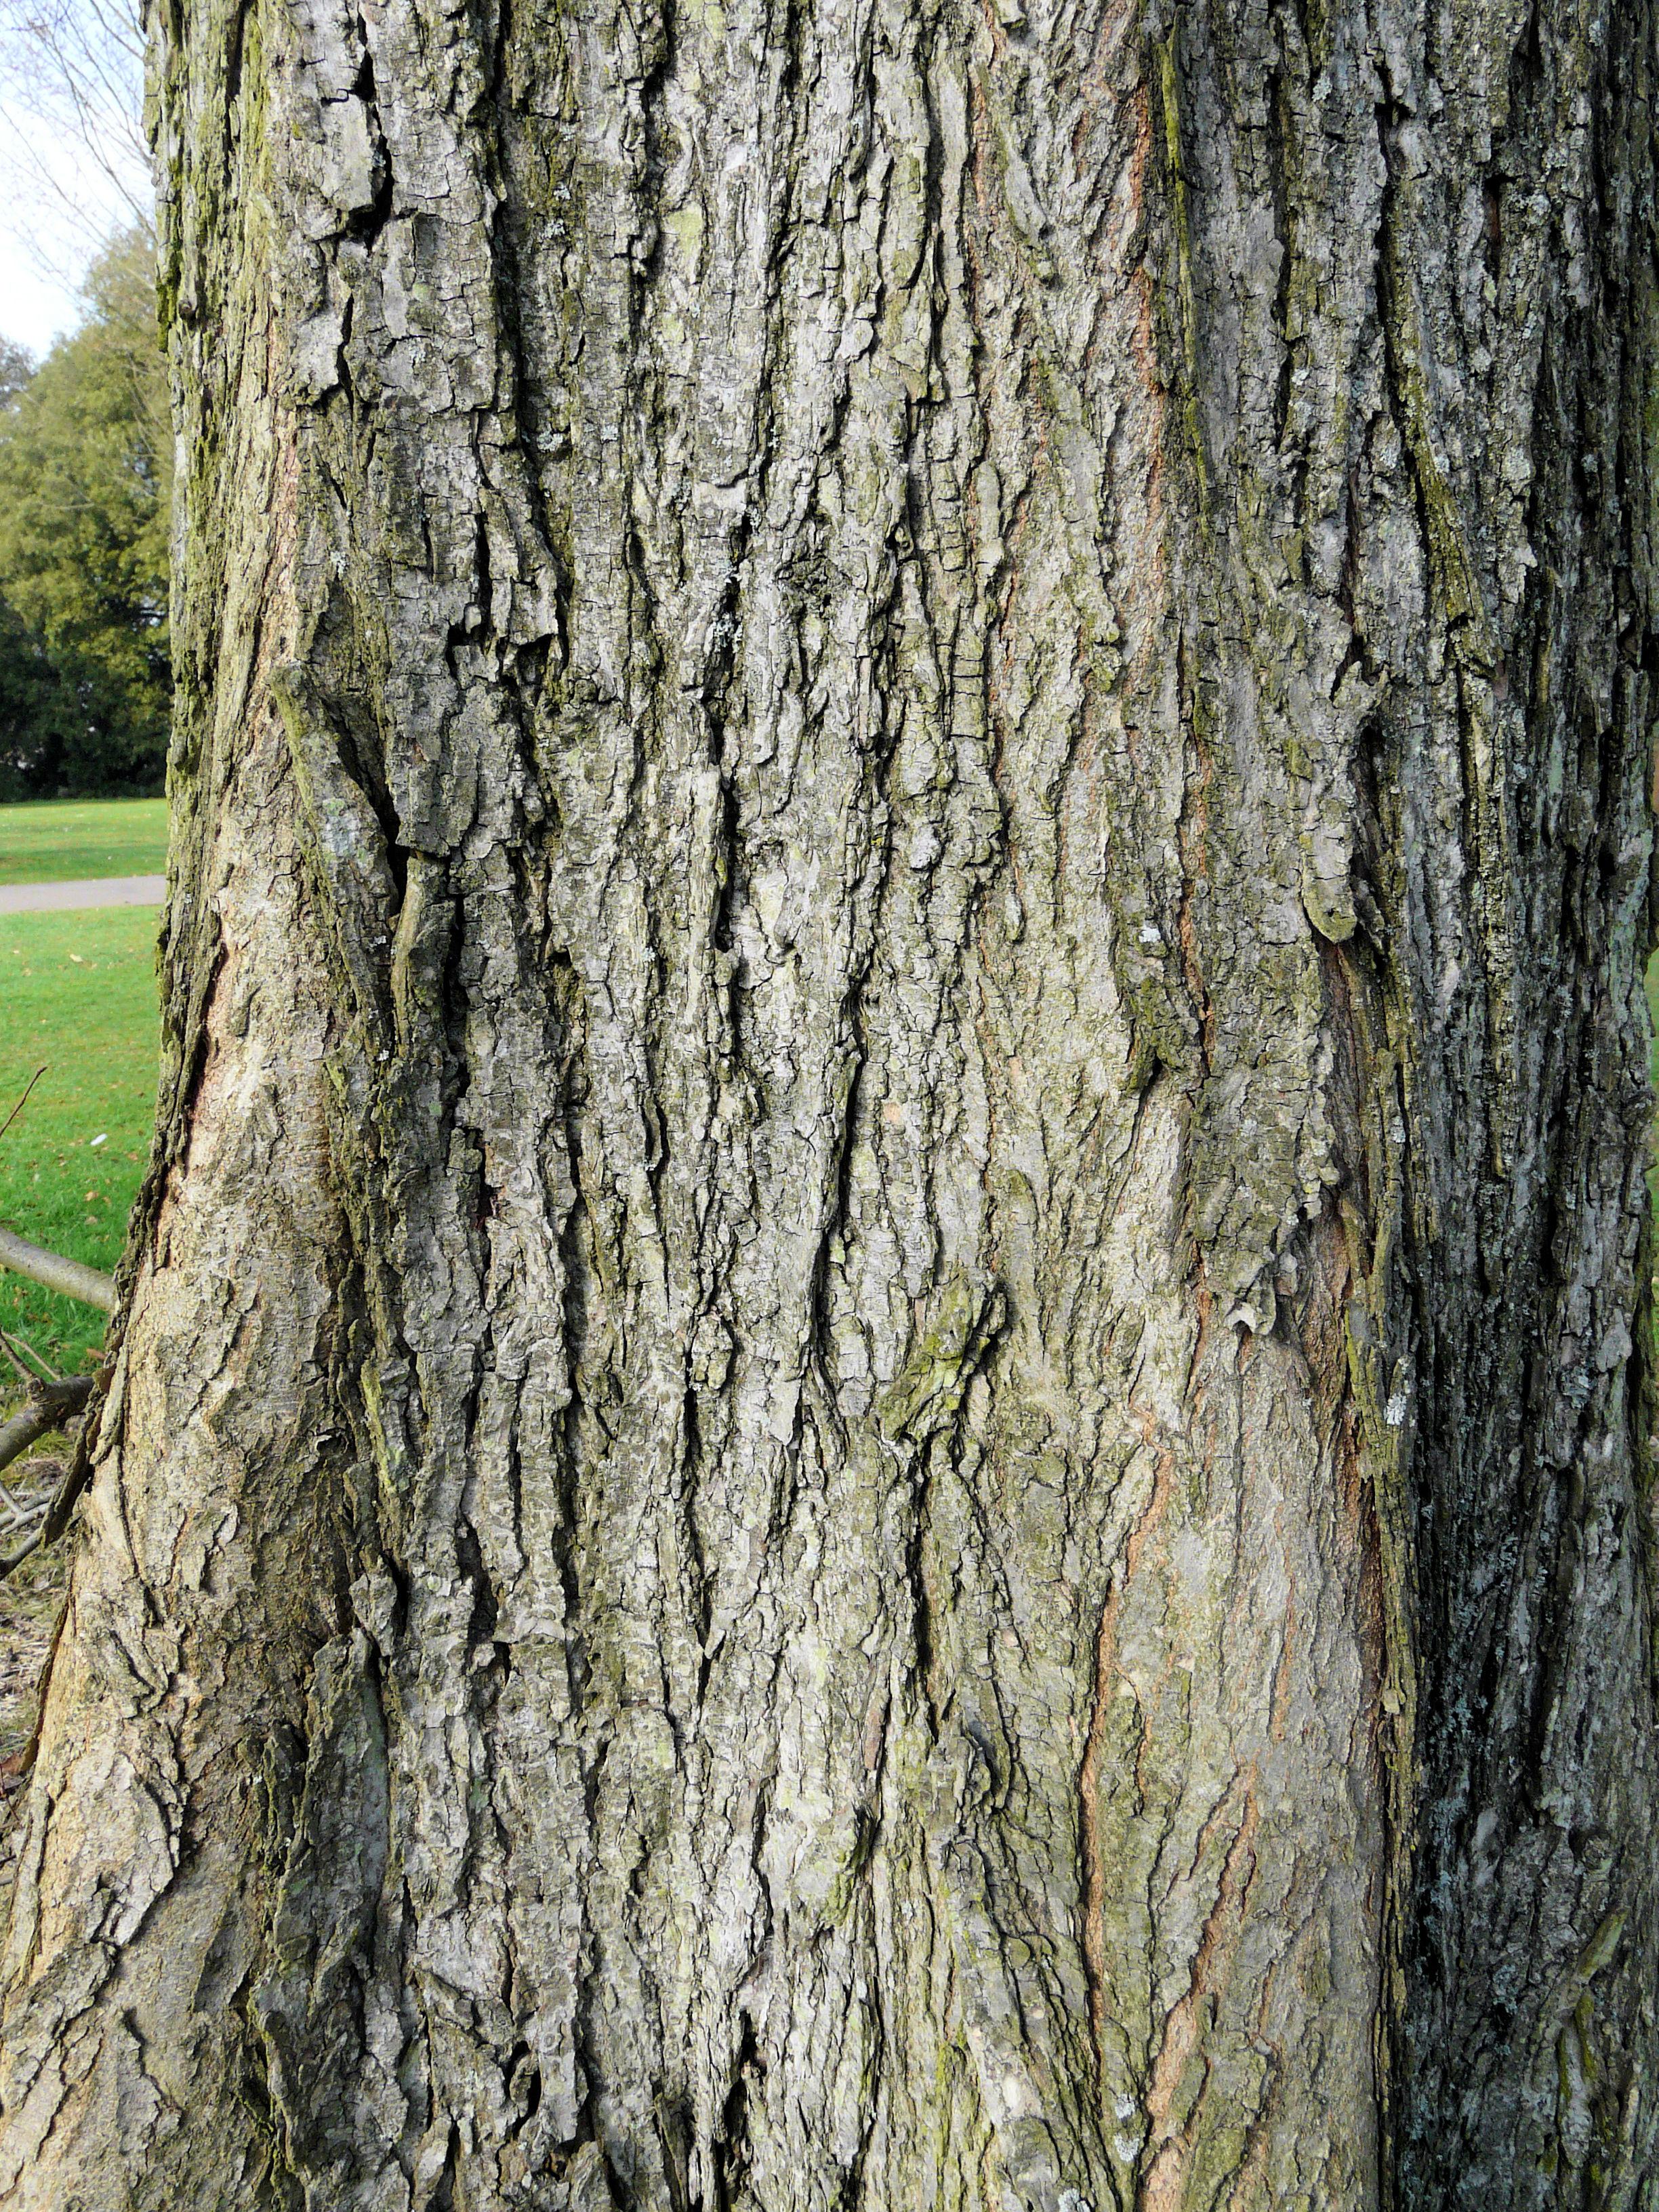 © Dipartimento di Scienze della Vita, Università degli Studi di Trieste<br>by Andrea Moro<br>Richmond-upon-Thames, Royal Botanic Gardens, Kew, UK, 17/03/2009<br>Distributed under CC-BY-SA 4.0 license.